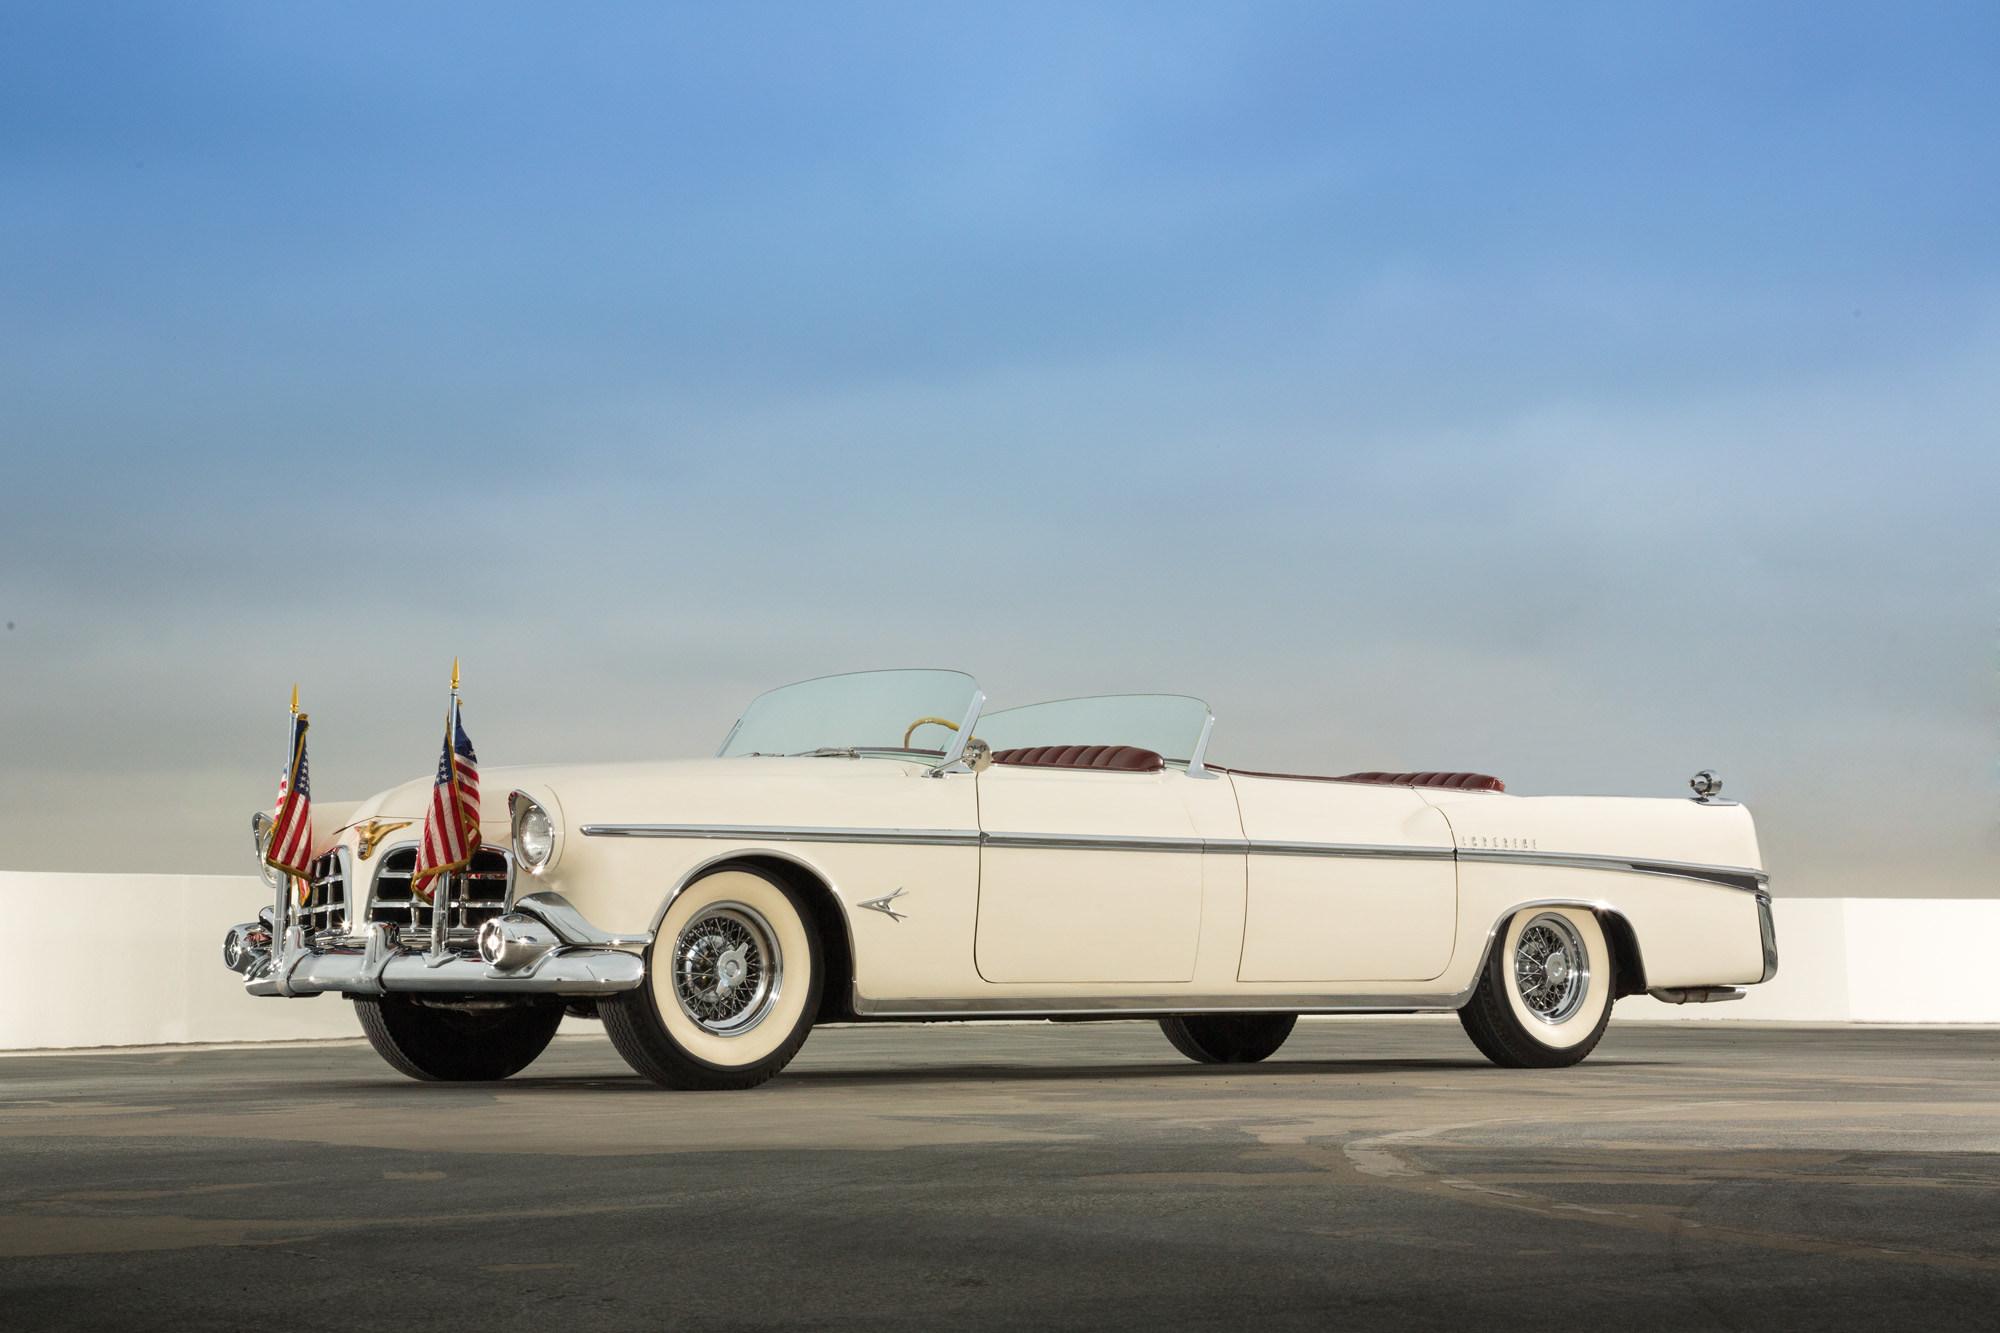 Chrysler_Imperial_Parade_Phaeton.jpg